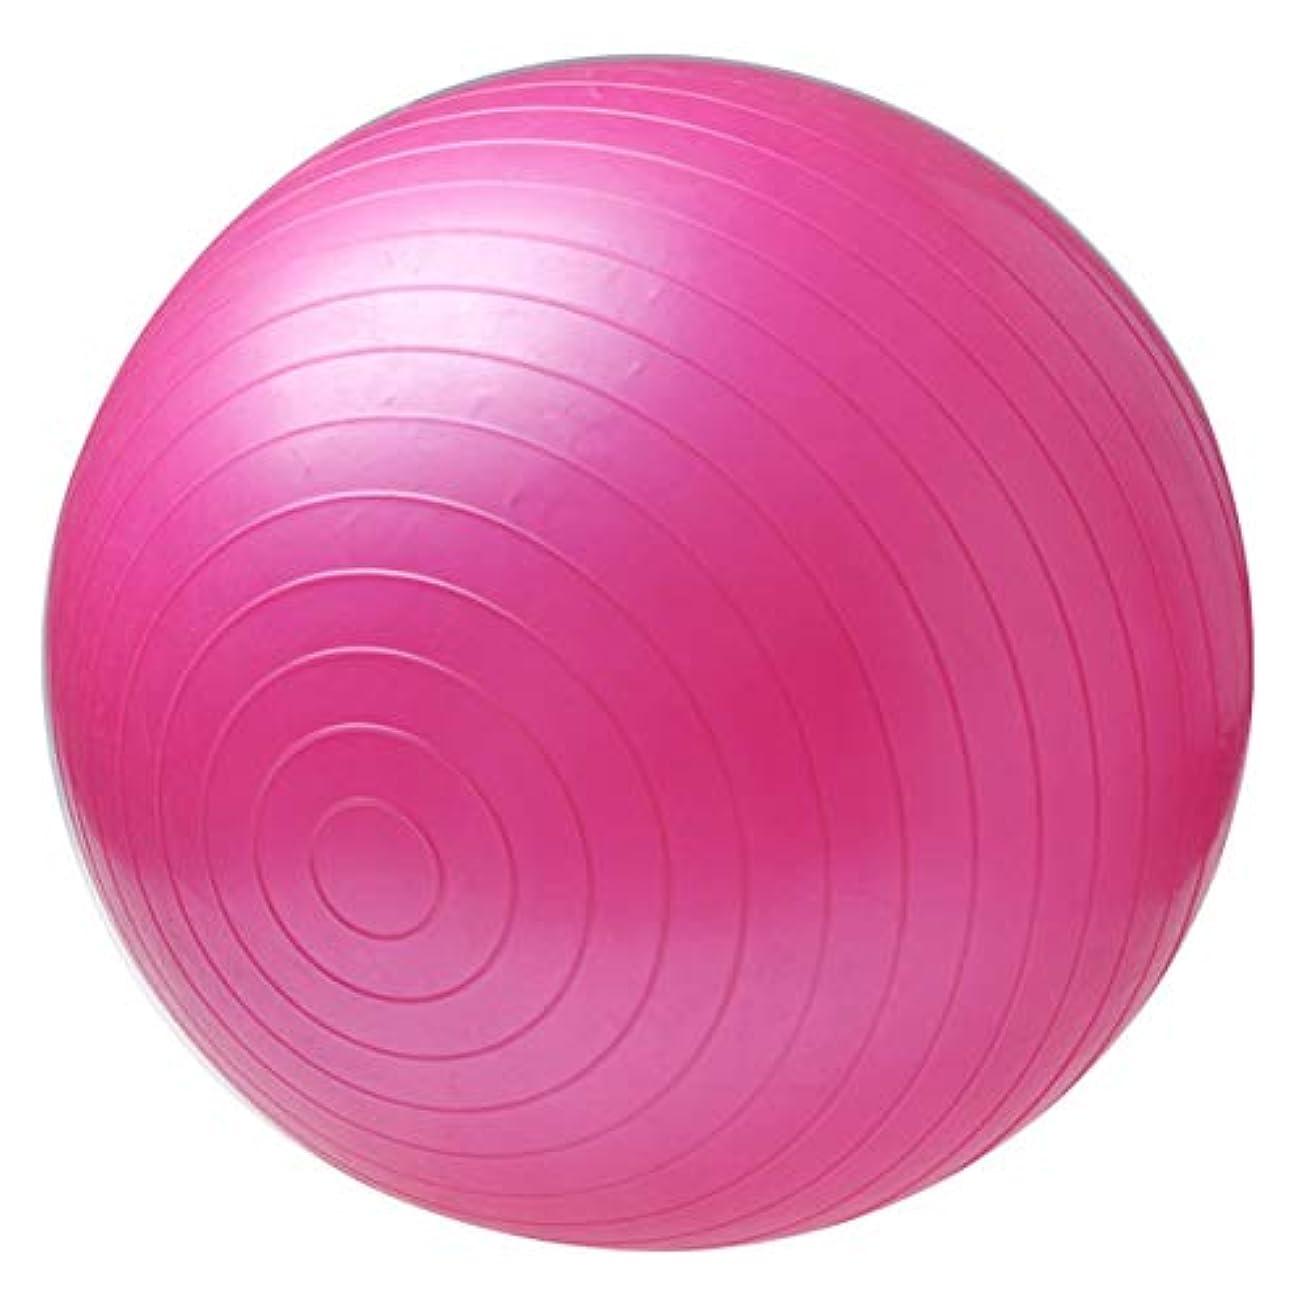 ヘルパー交差点ジョブ非毒性スポーツヨガボールボラピラティスフィットネスジムバランスフィットボールエクササイズピラティスワークアウトマッサージボール - ピンク75センチ